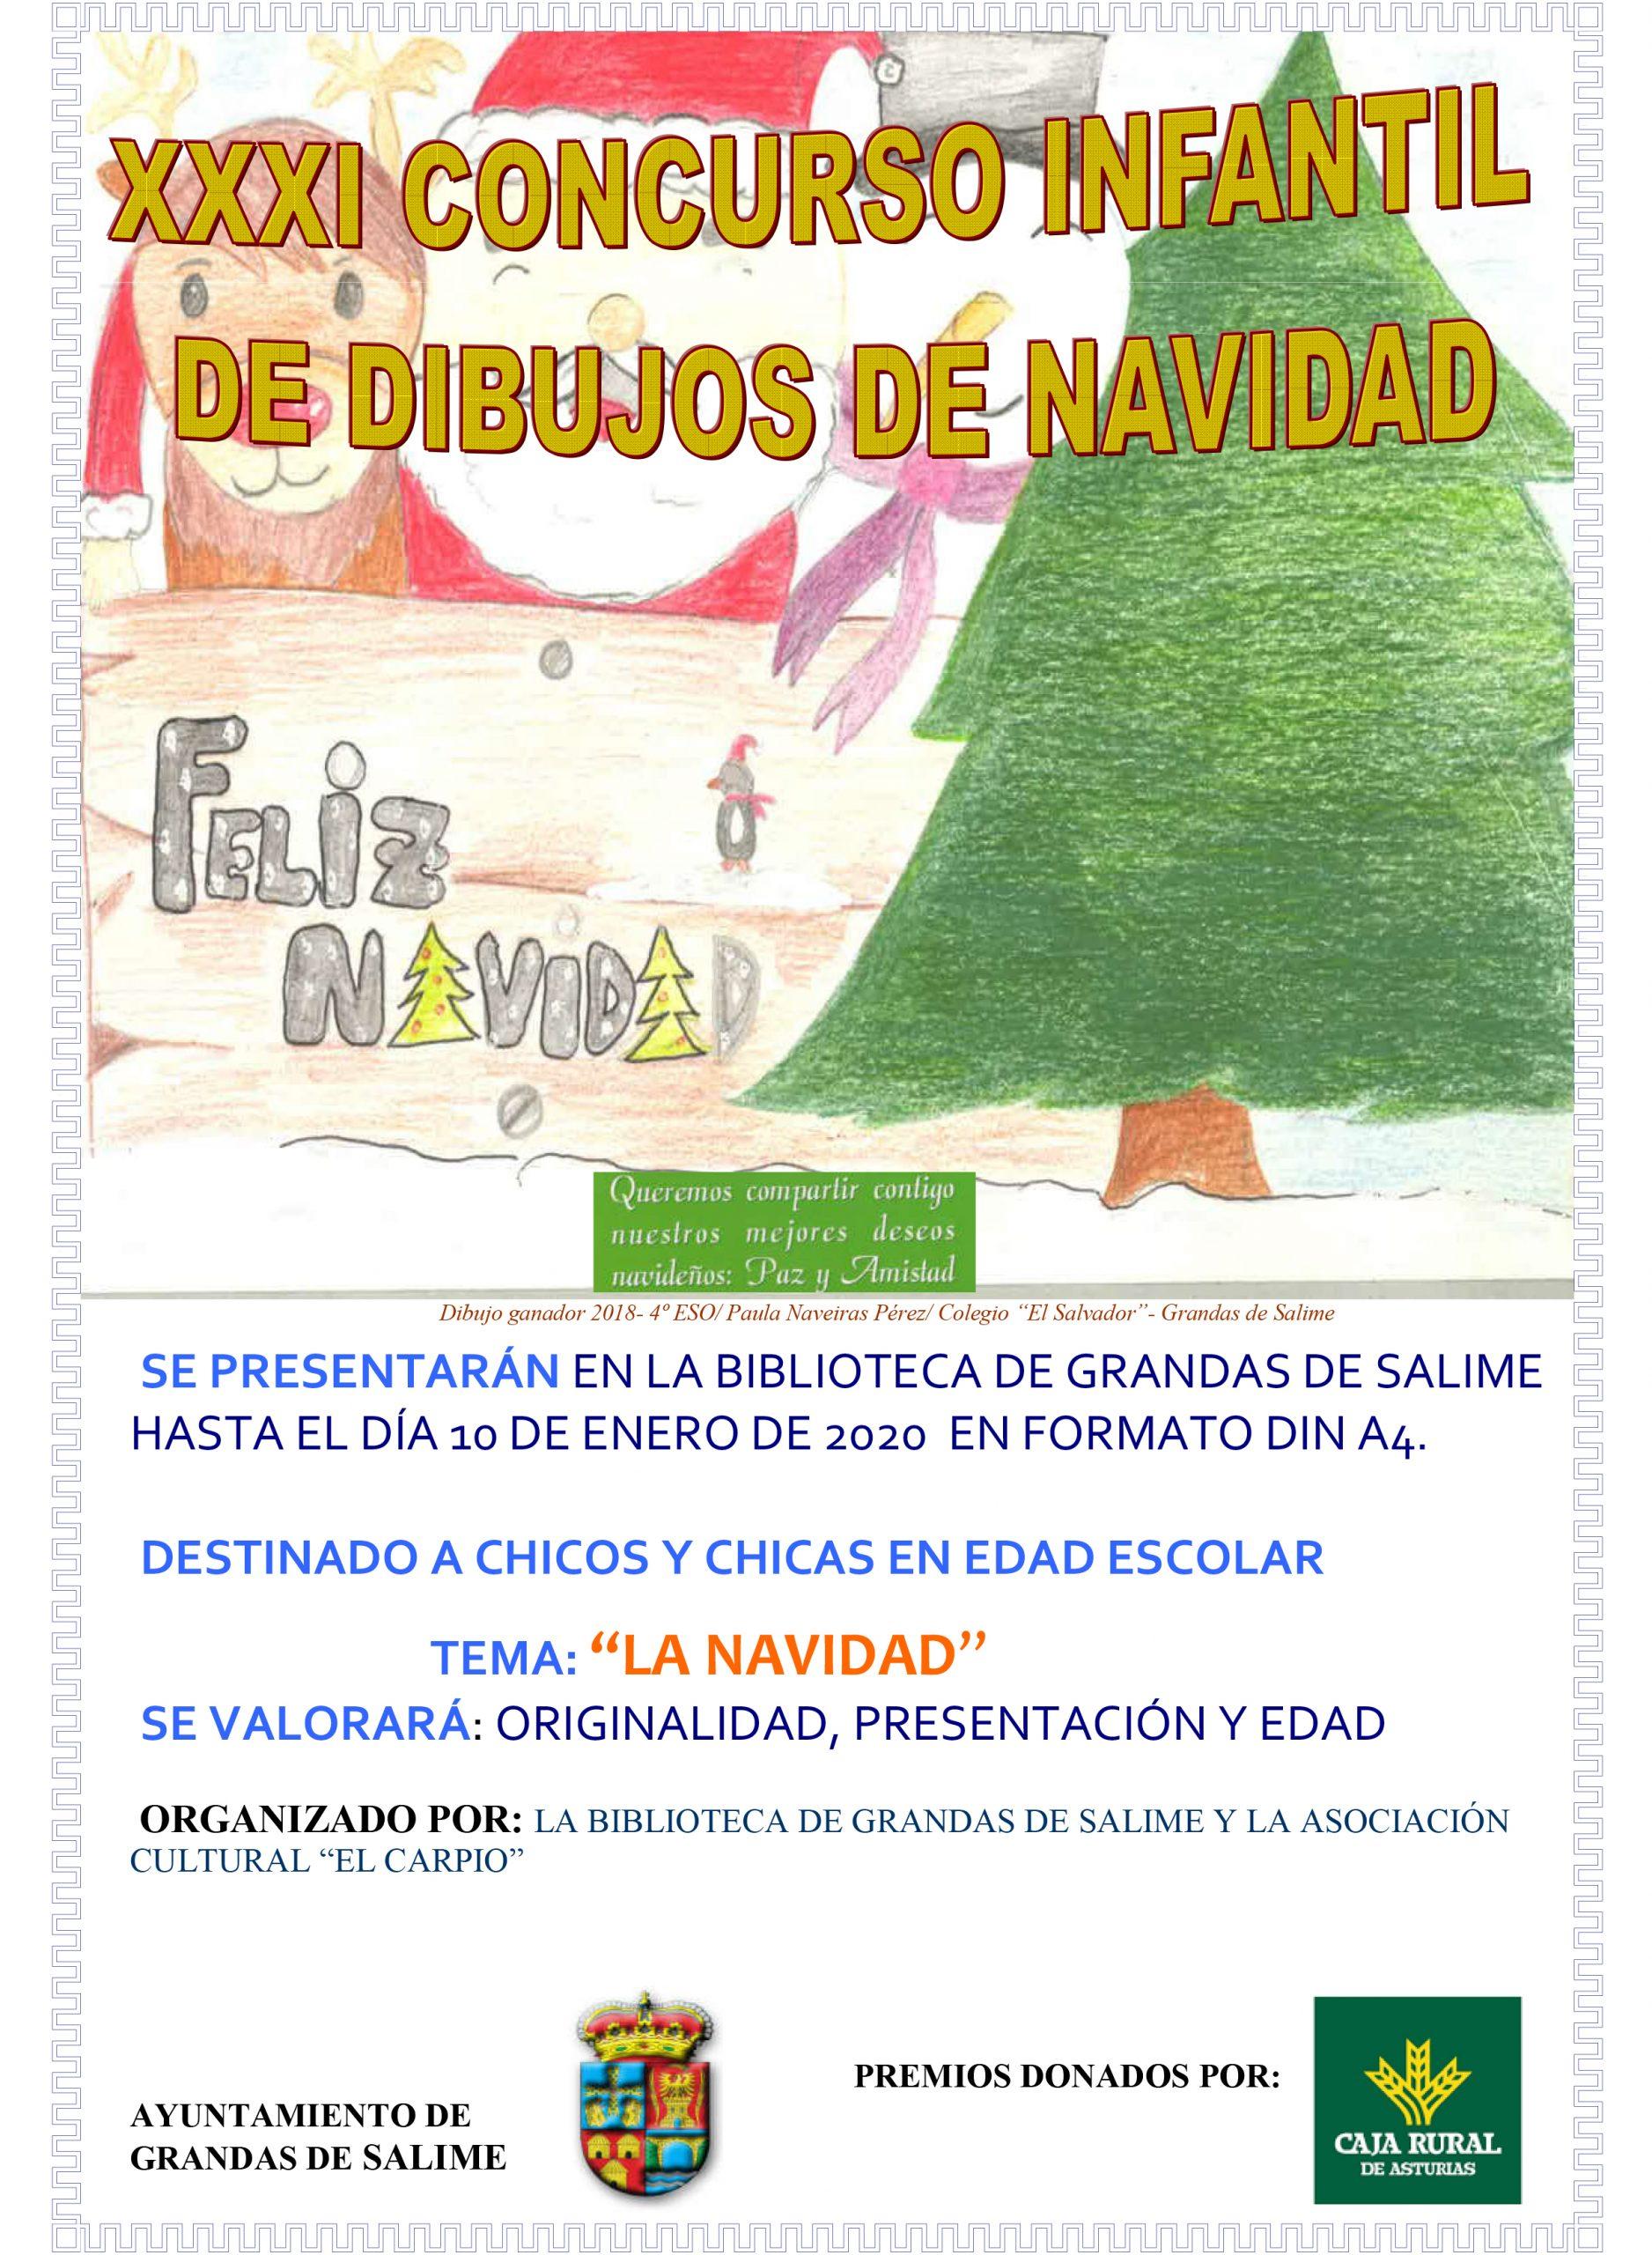 Nueva edición del Concurso de Dibujos de Navidad de Grandas de Salime